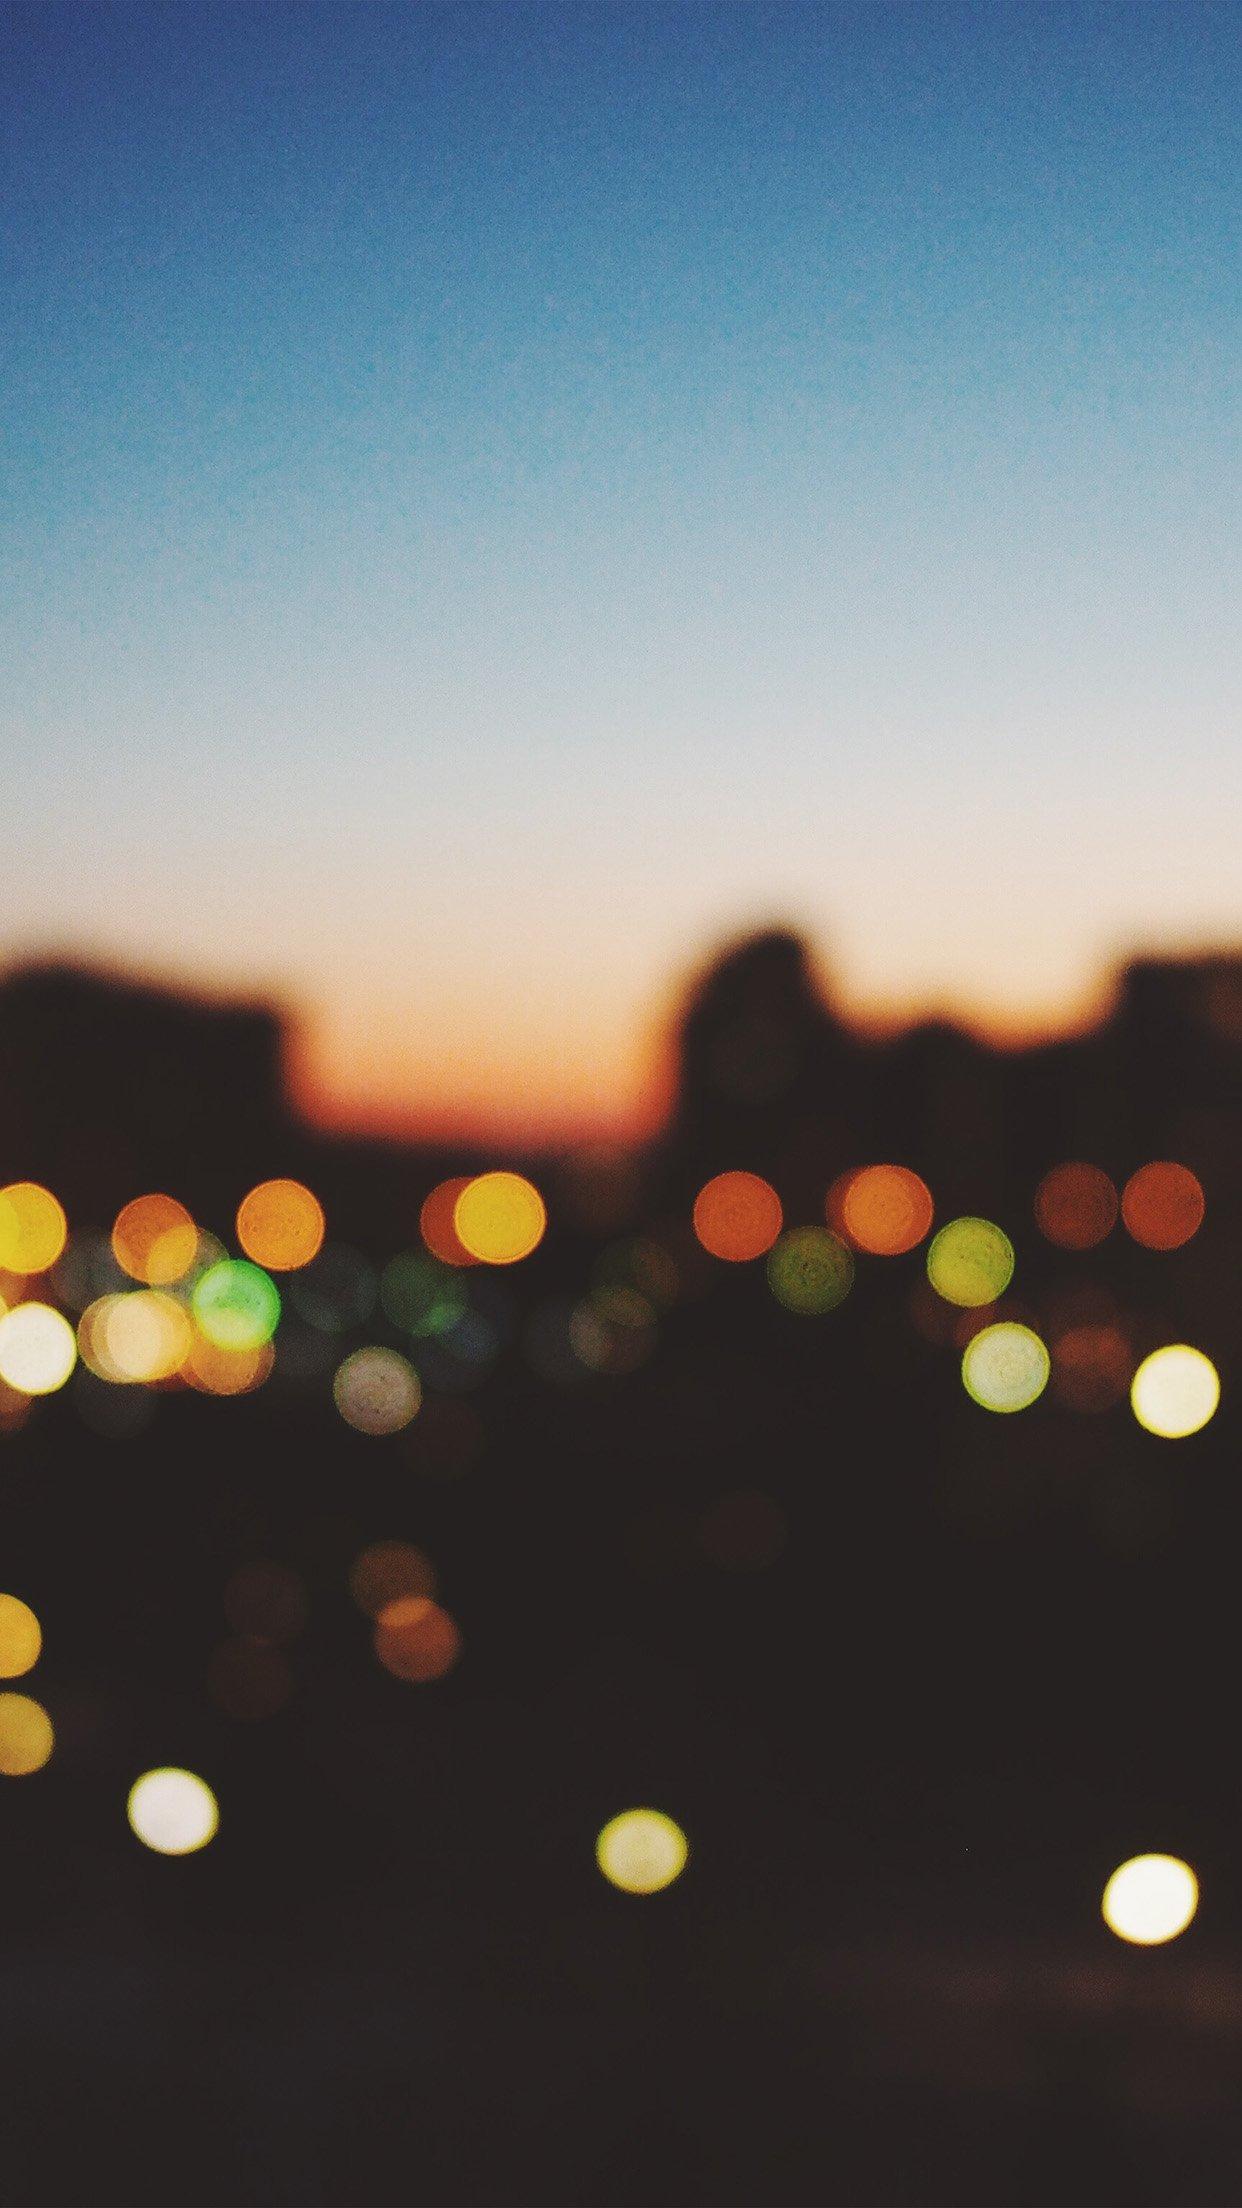 Bokeh Light Sunset Android Wallpaper